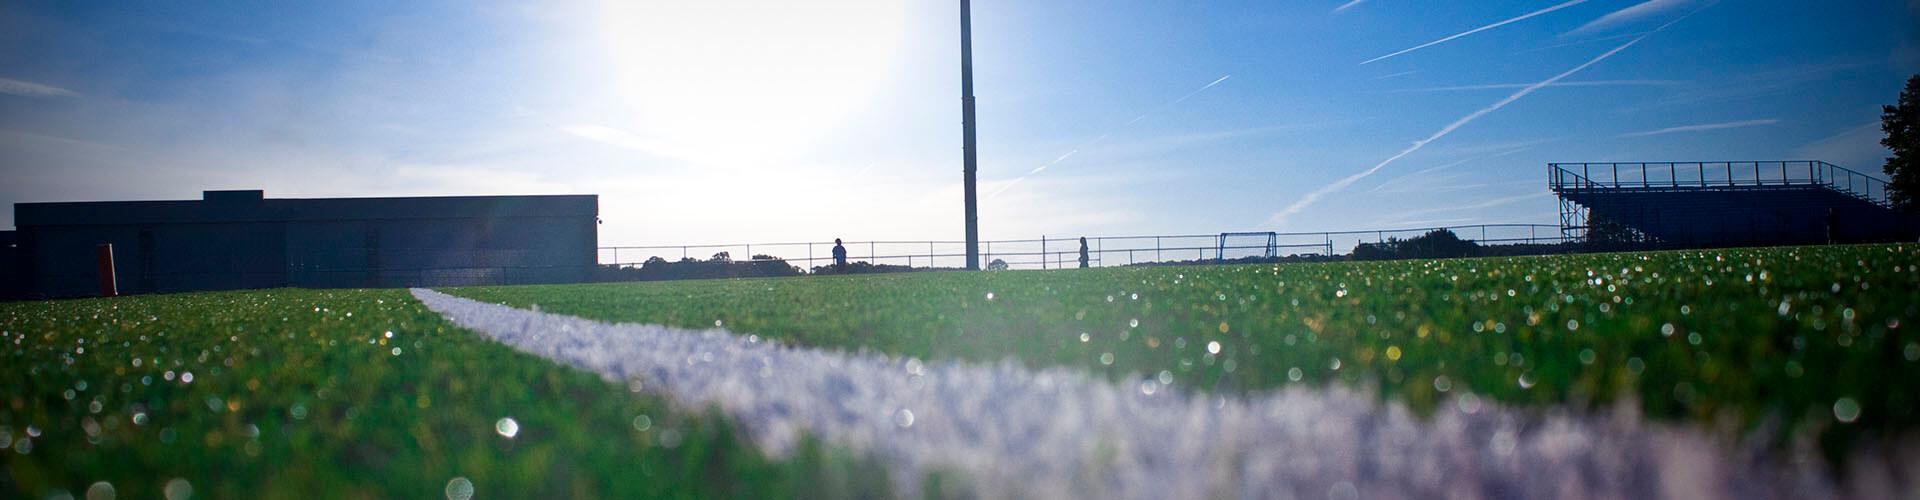 hortek profesionalno urejanje nogometnih igrišč svetovanje in vzdrževanje - slider stadion igrišče trava črte 1920x500